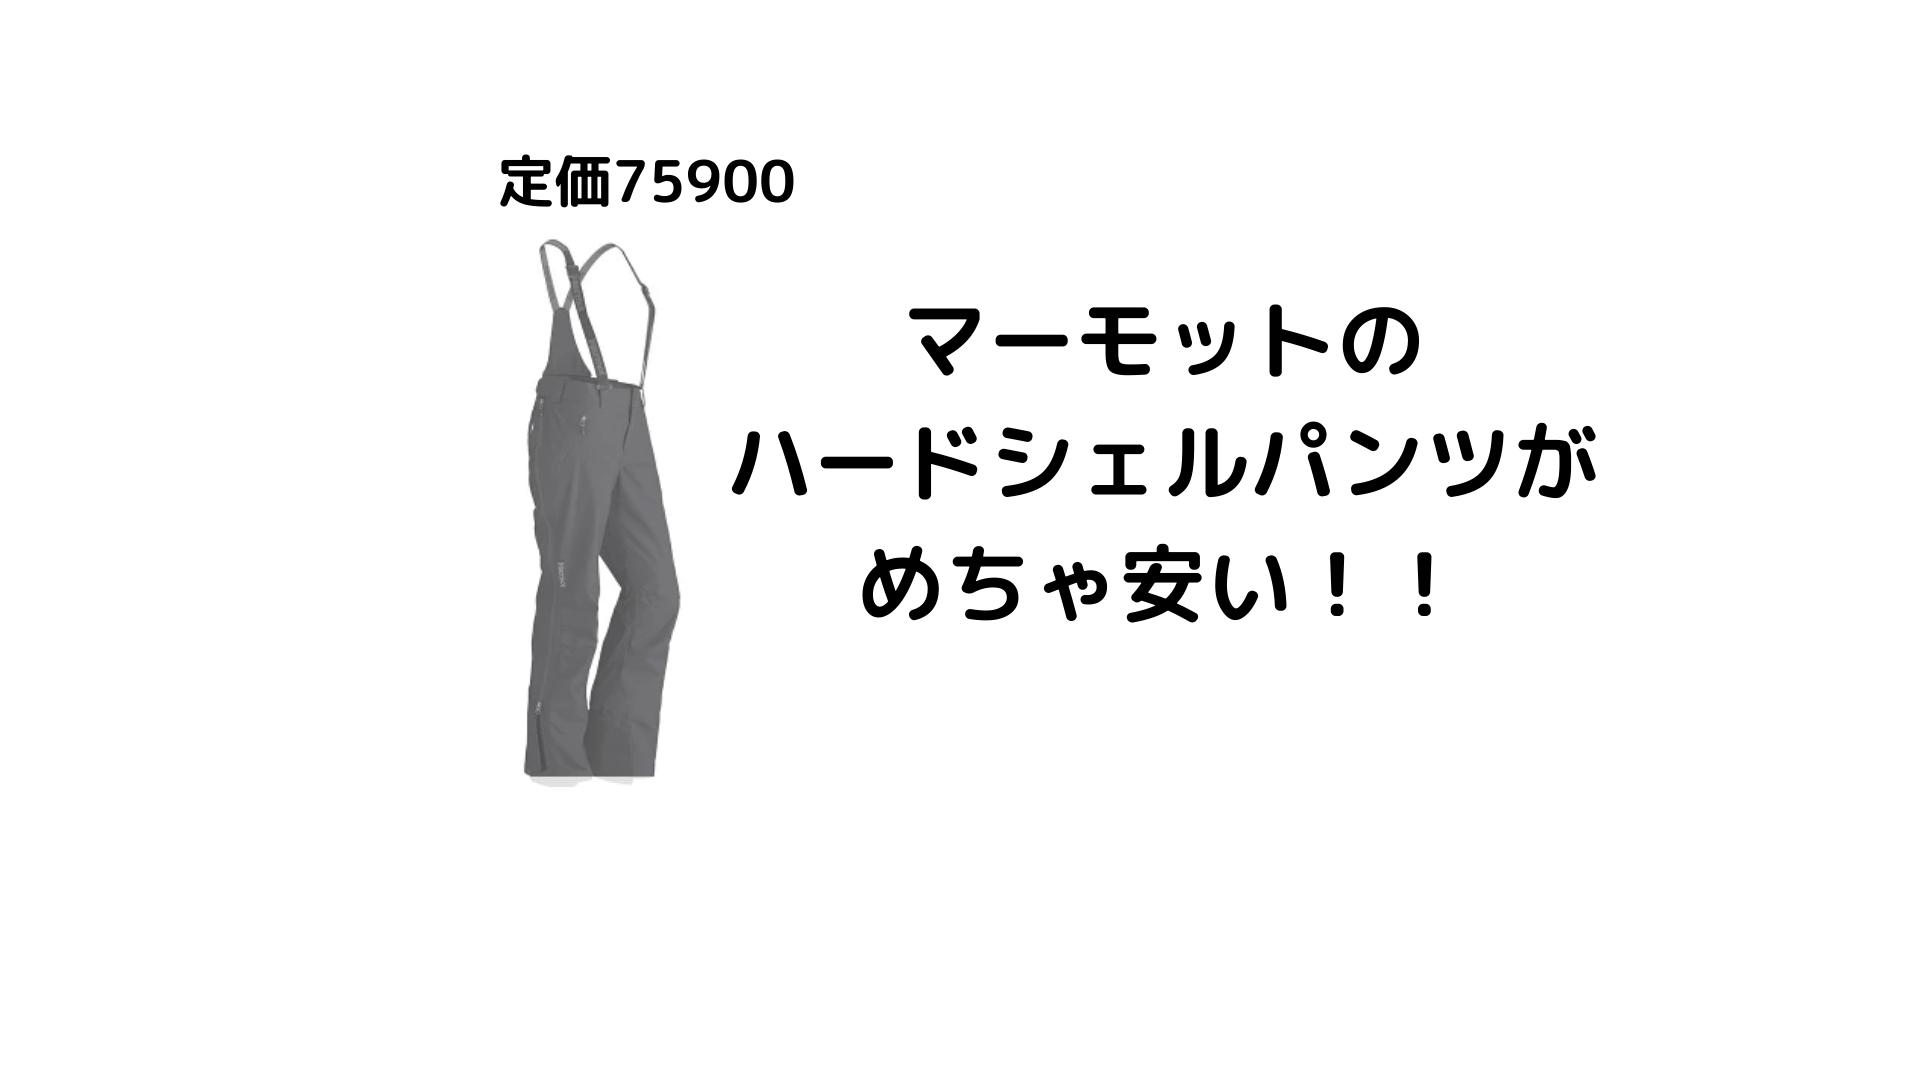 マーモットの ハードシェルパンツが めちゃ安い!!